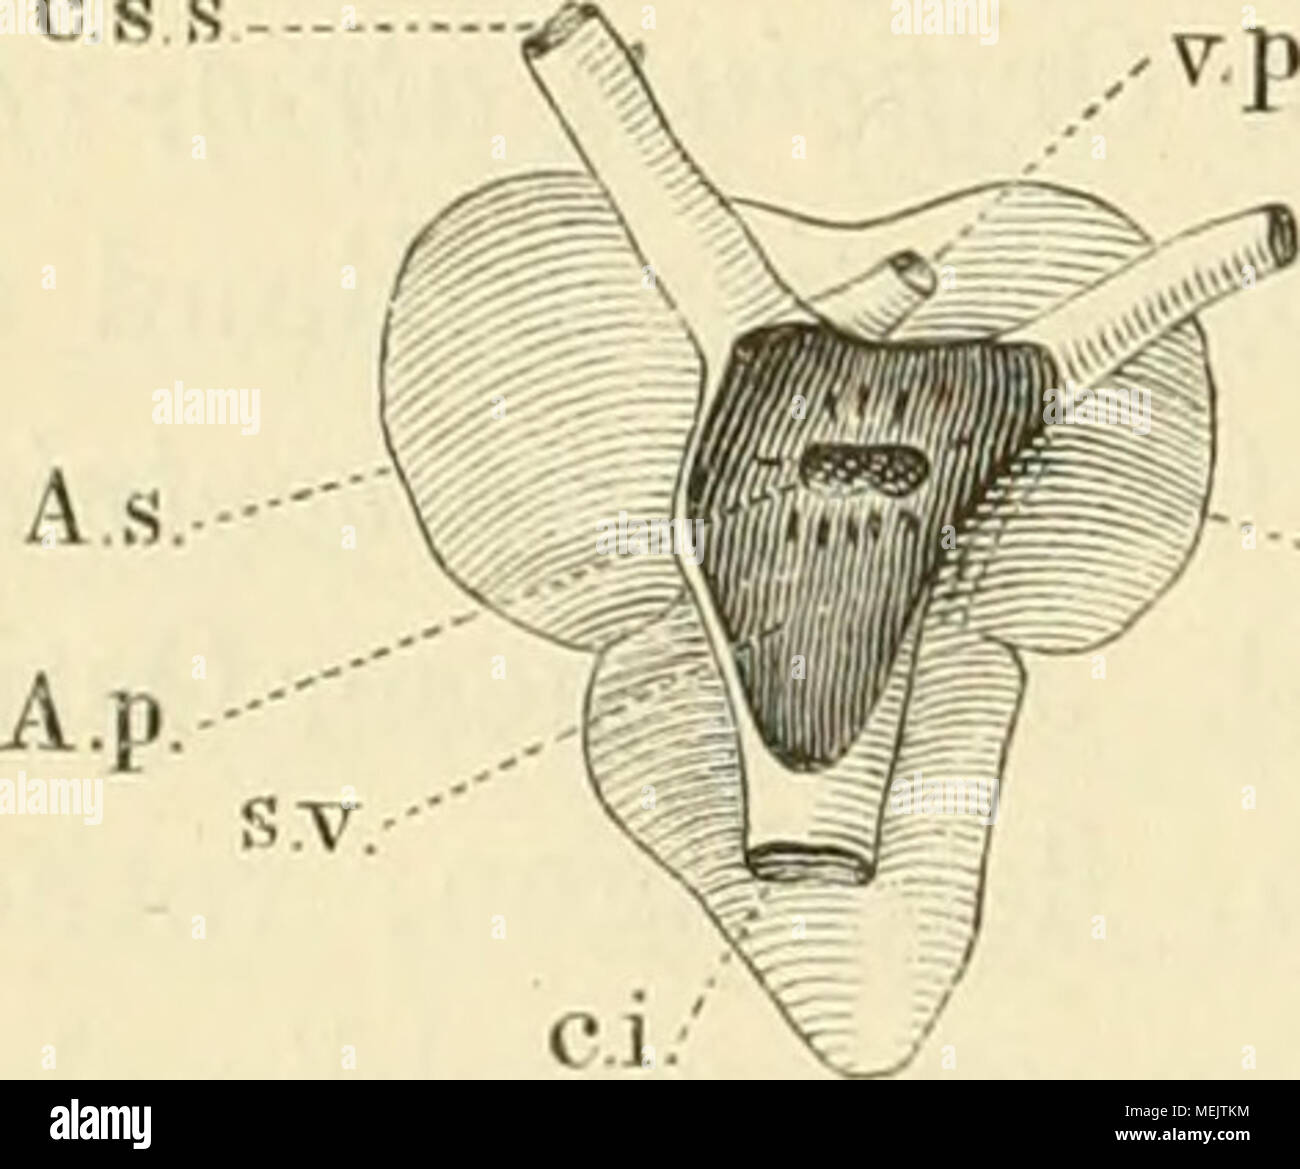 Ausgezeichnet Quizlet Anatomie Und Physiologie Kapitel 4 Bilder ...